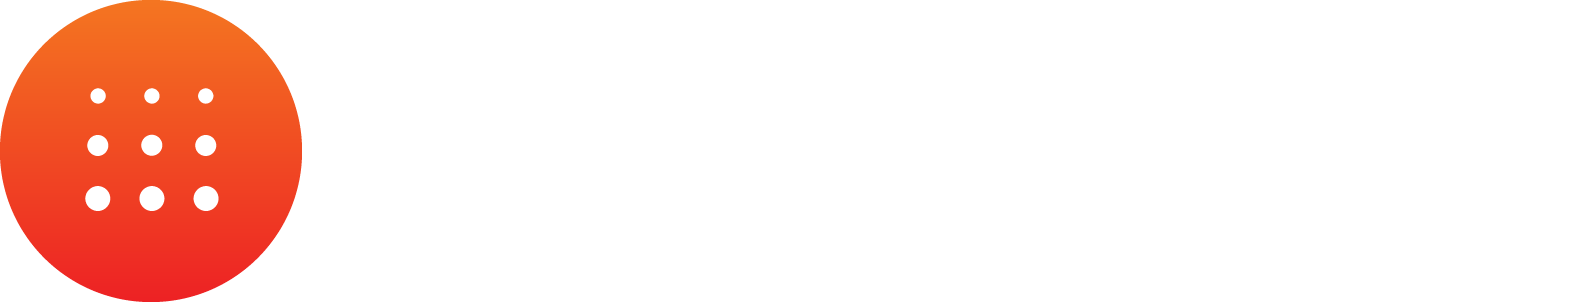 Vaporizer Reviews, News, and Videos – Vaporizerblog.com